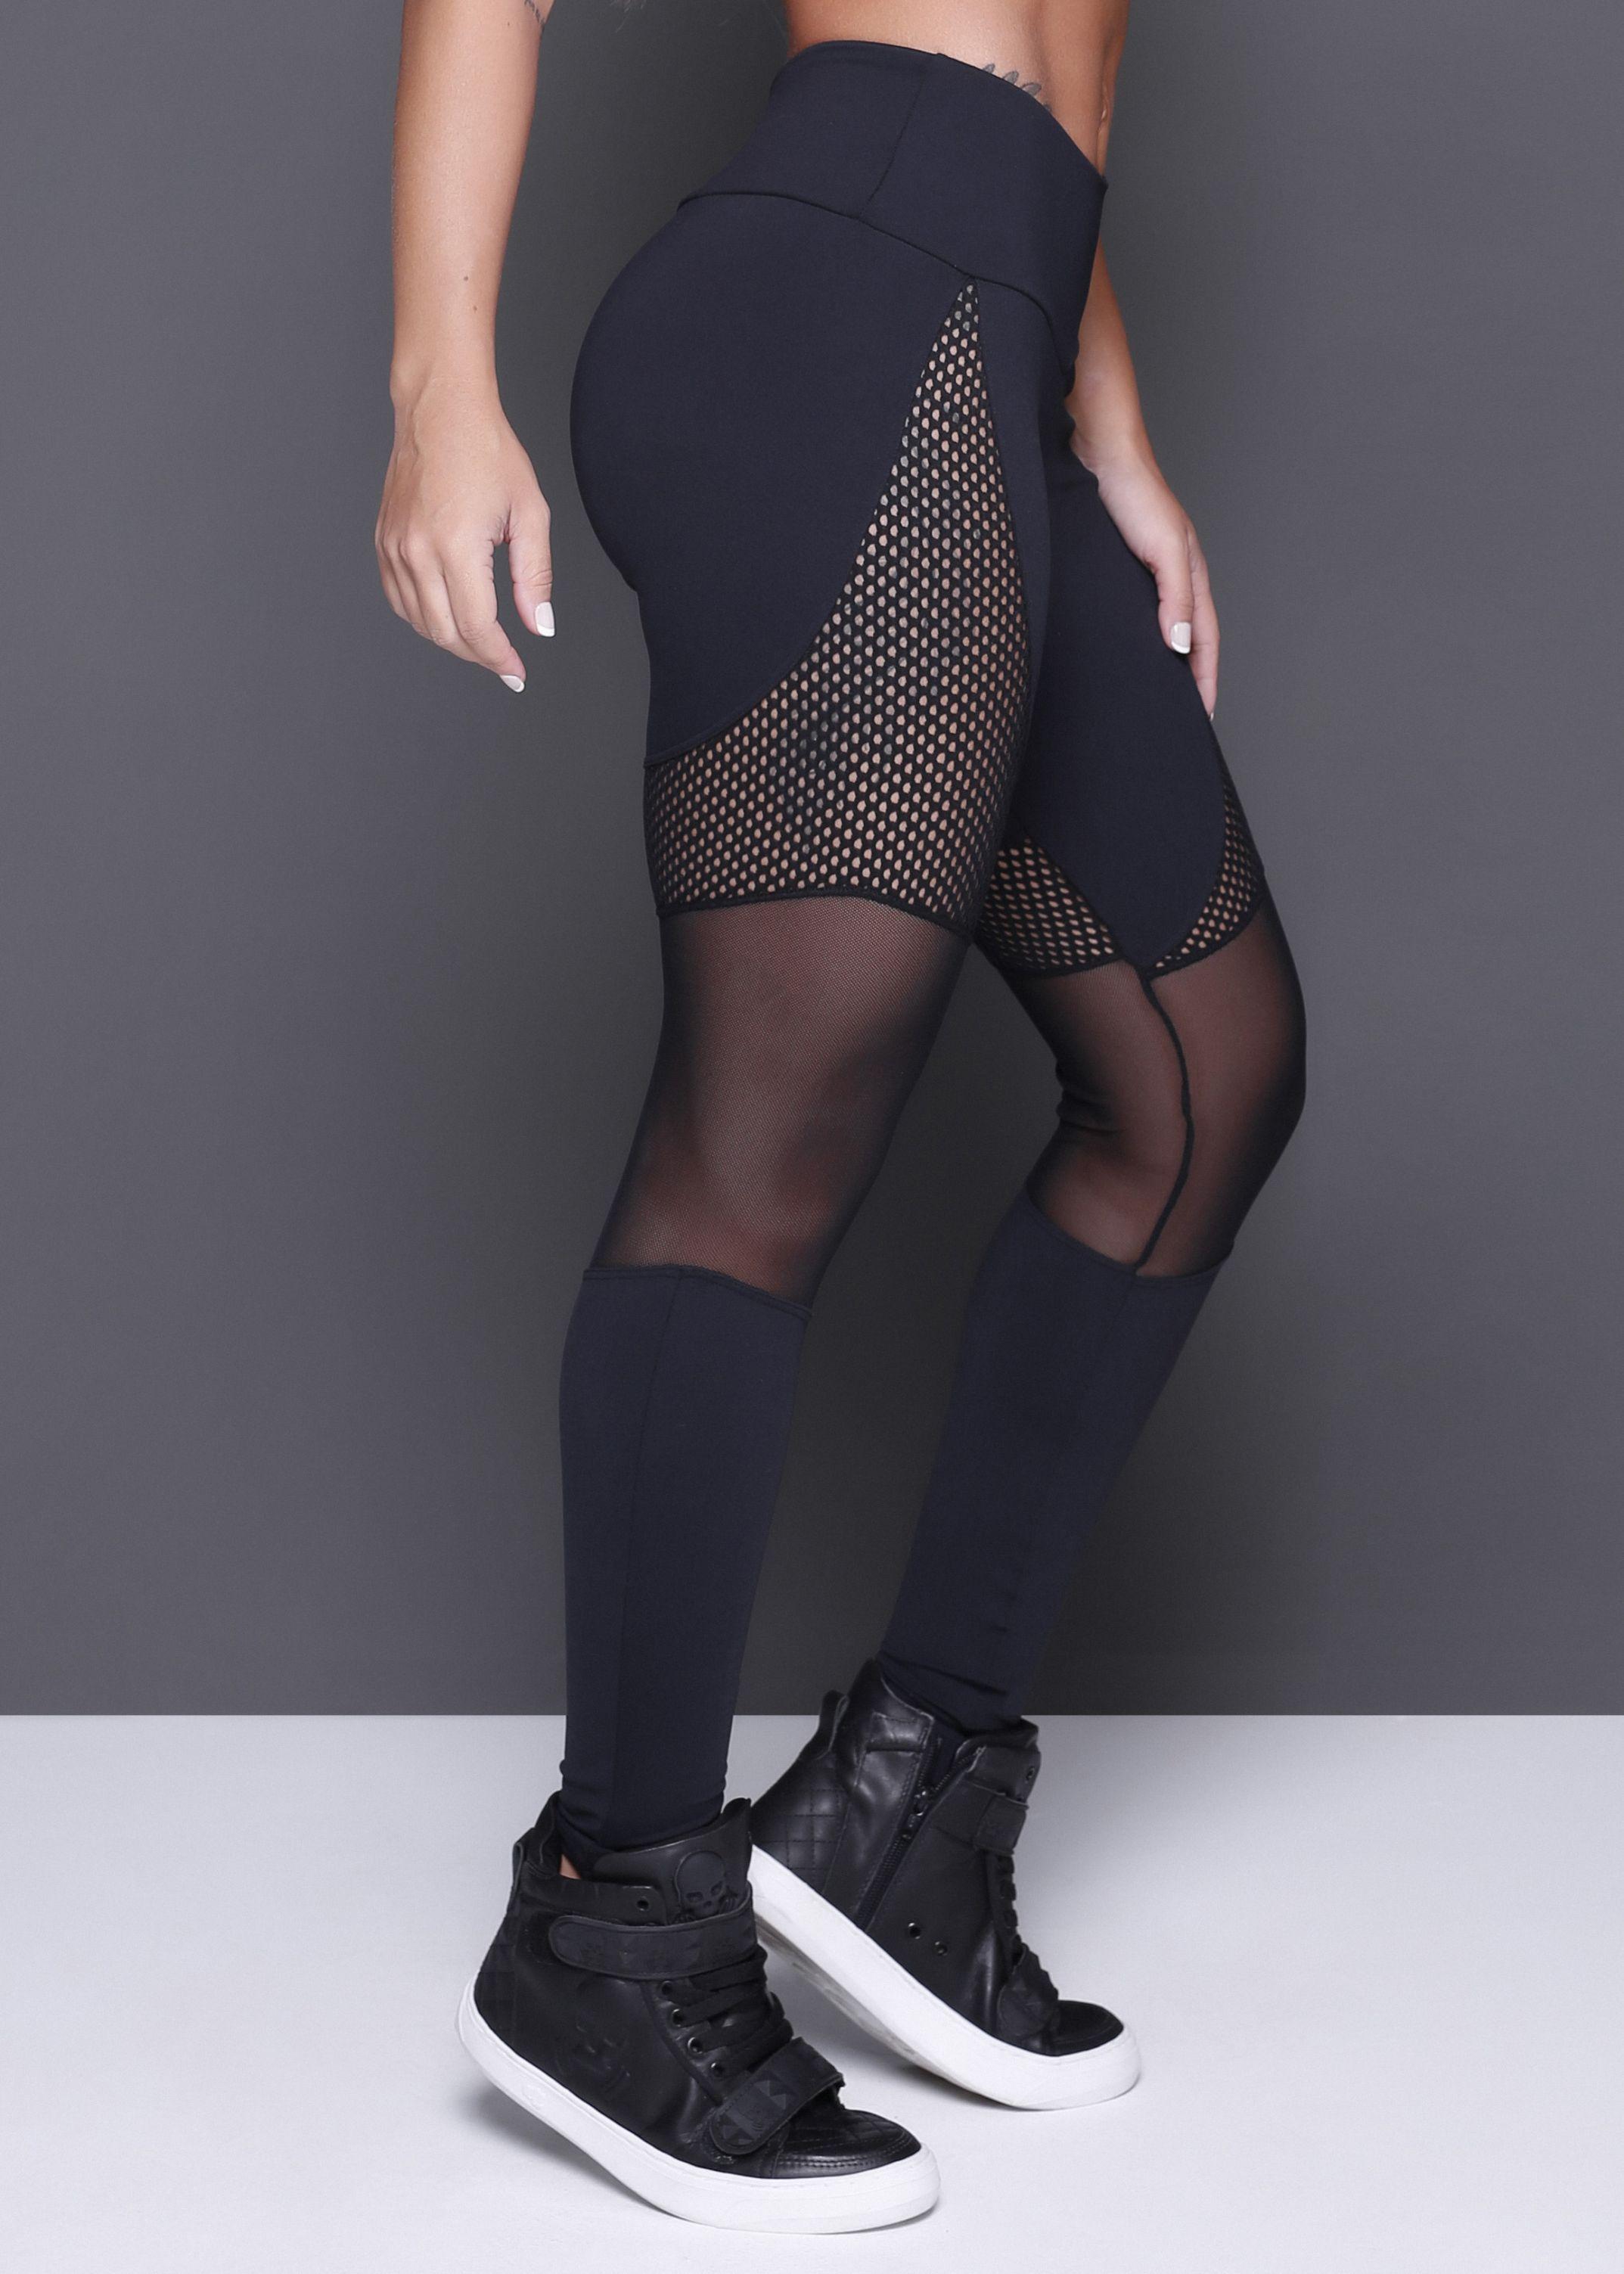 4da54d3419 Legging confeccionada em suplex poliamida com recortes em tela e tule.Uma  peça com transparência